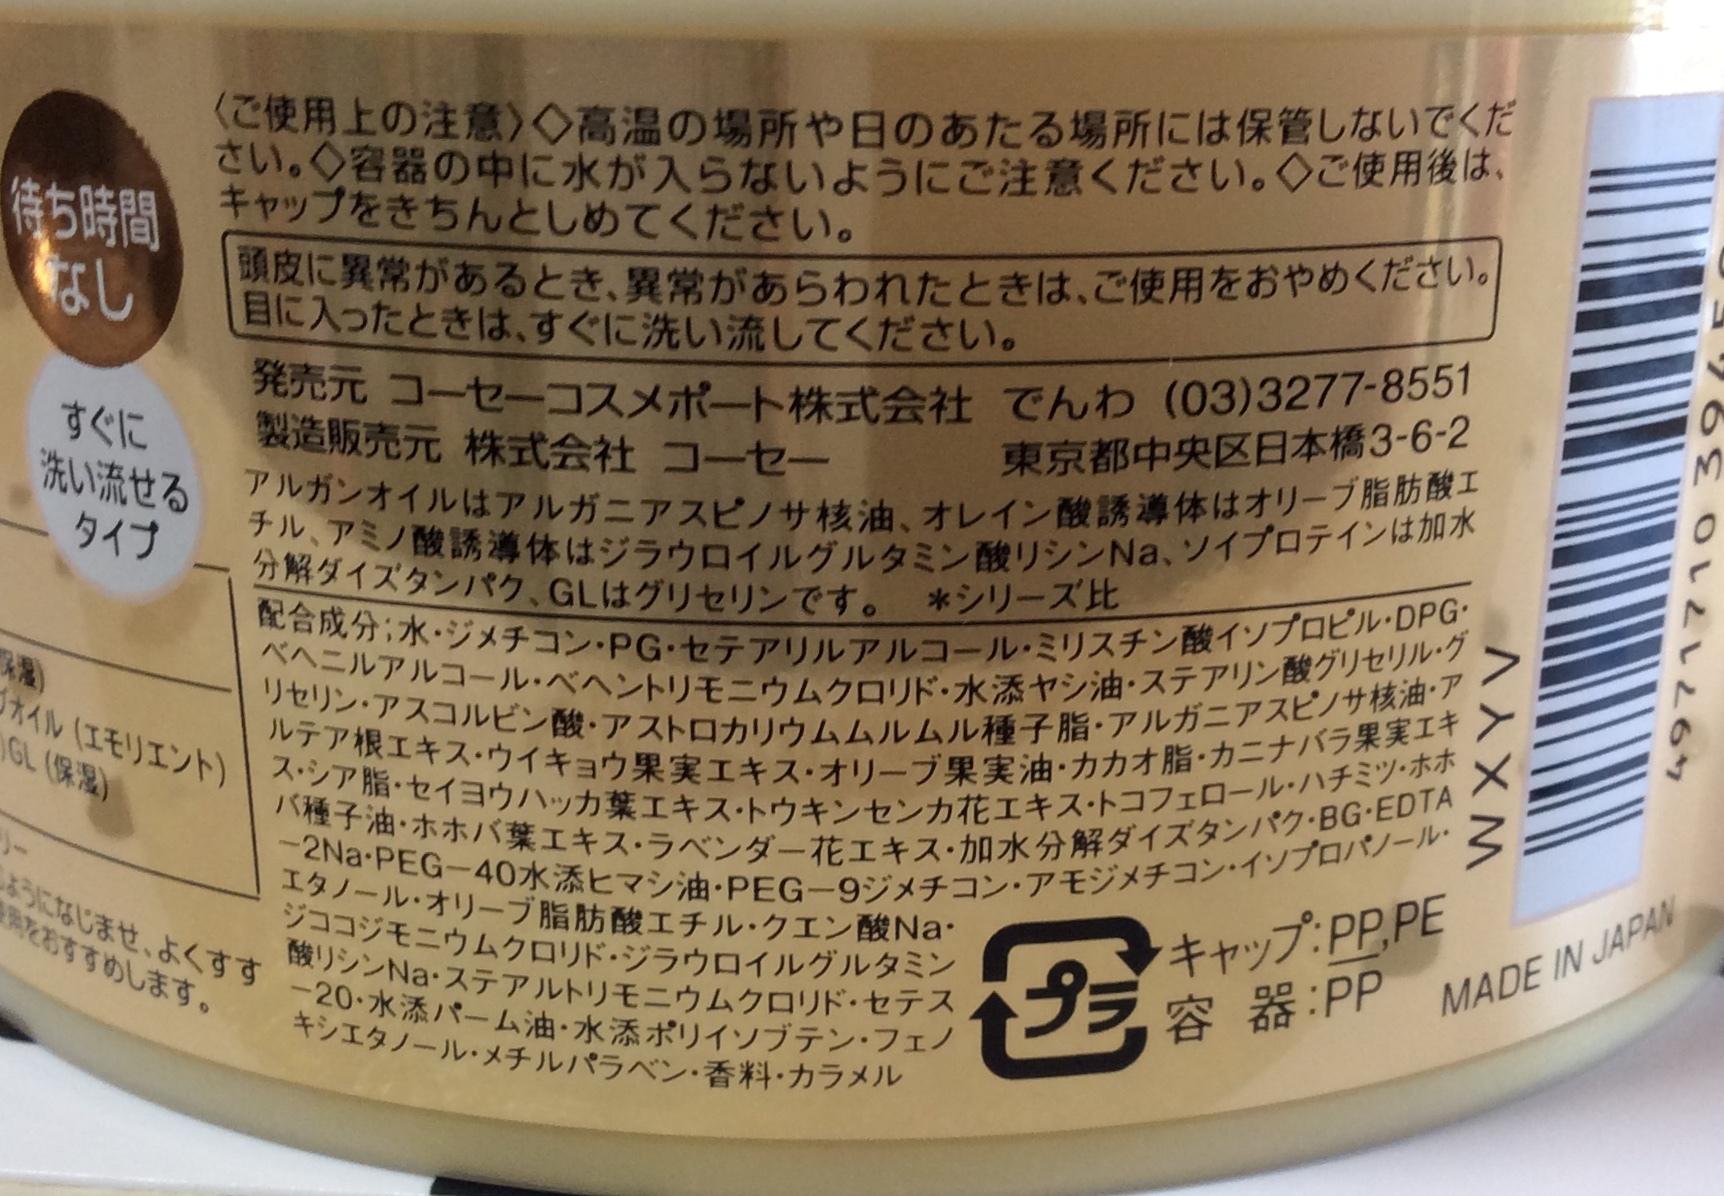 7640D4CA-4EF4-4756-BB1A-2E2946EC19AE.jpeg